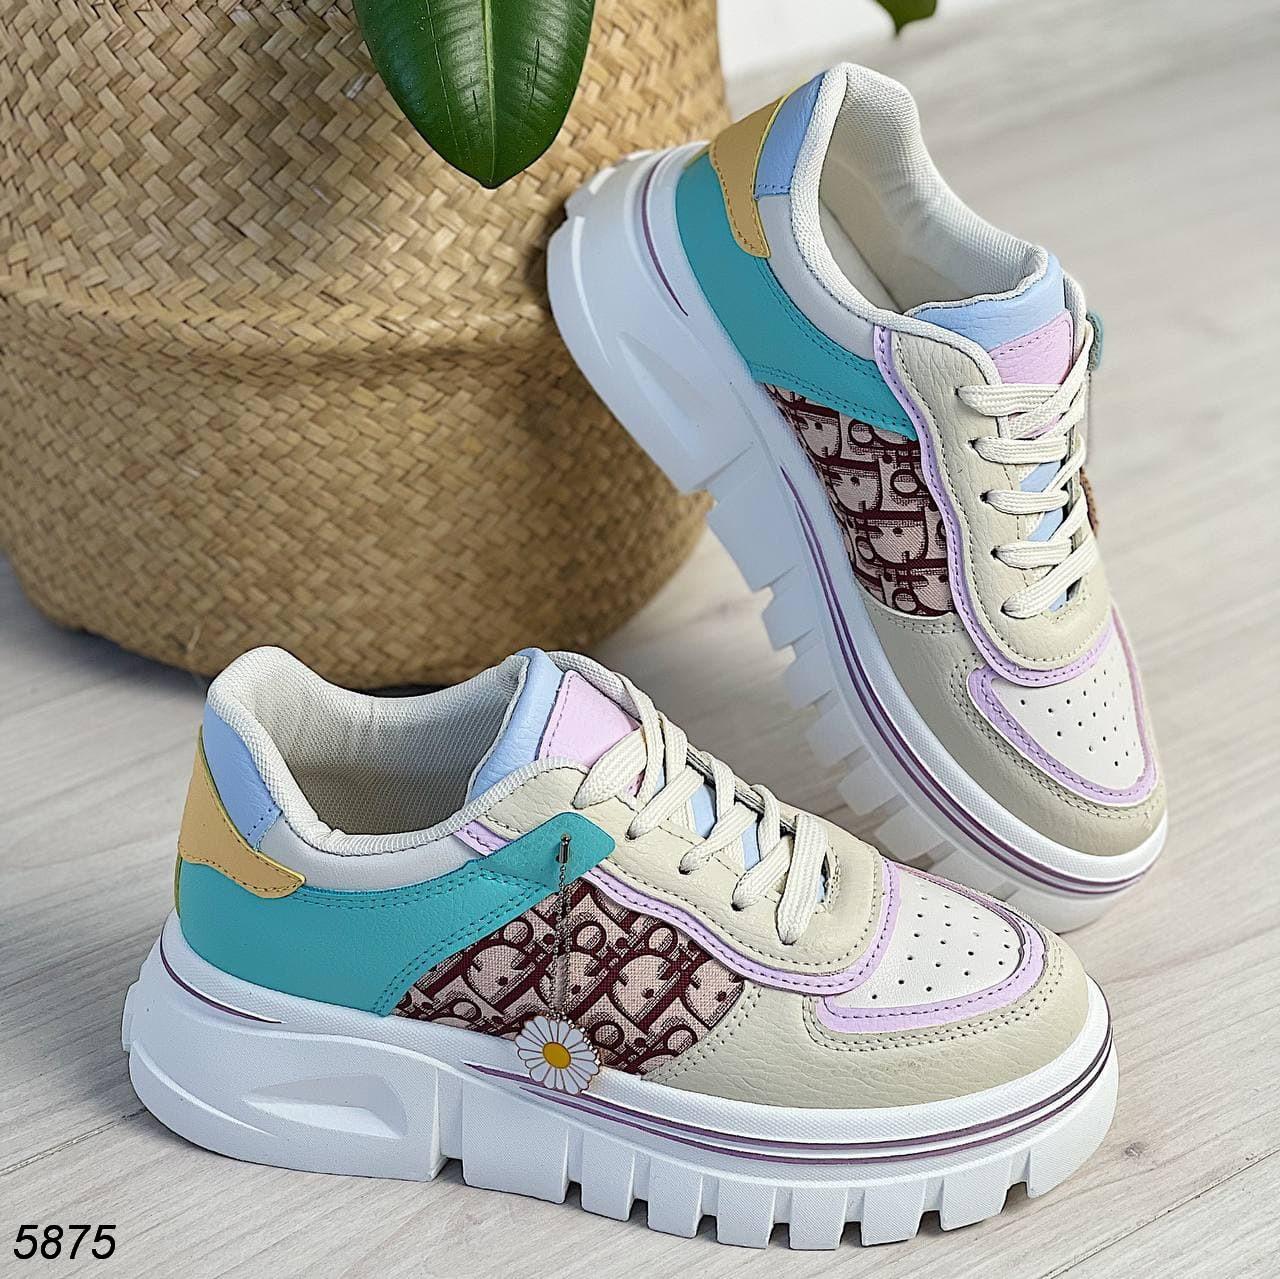 Женские разноцветные кроссовки 5875 (ВБ)